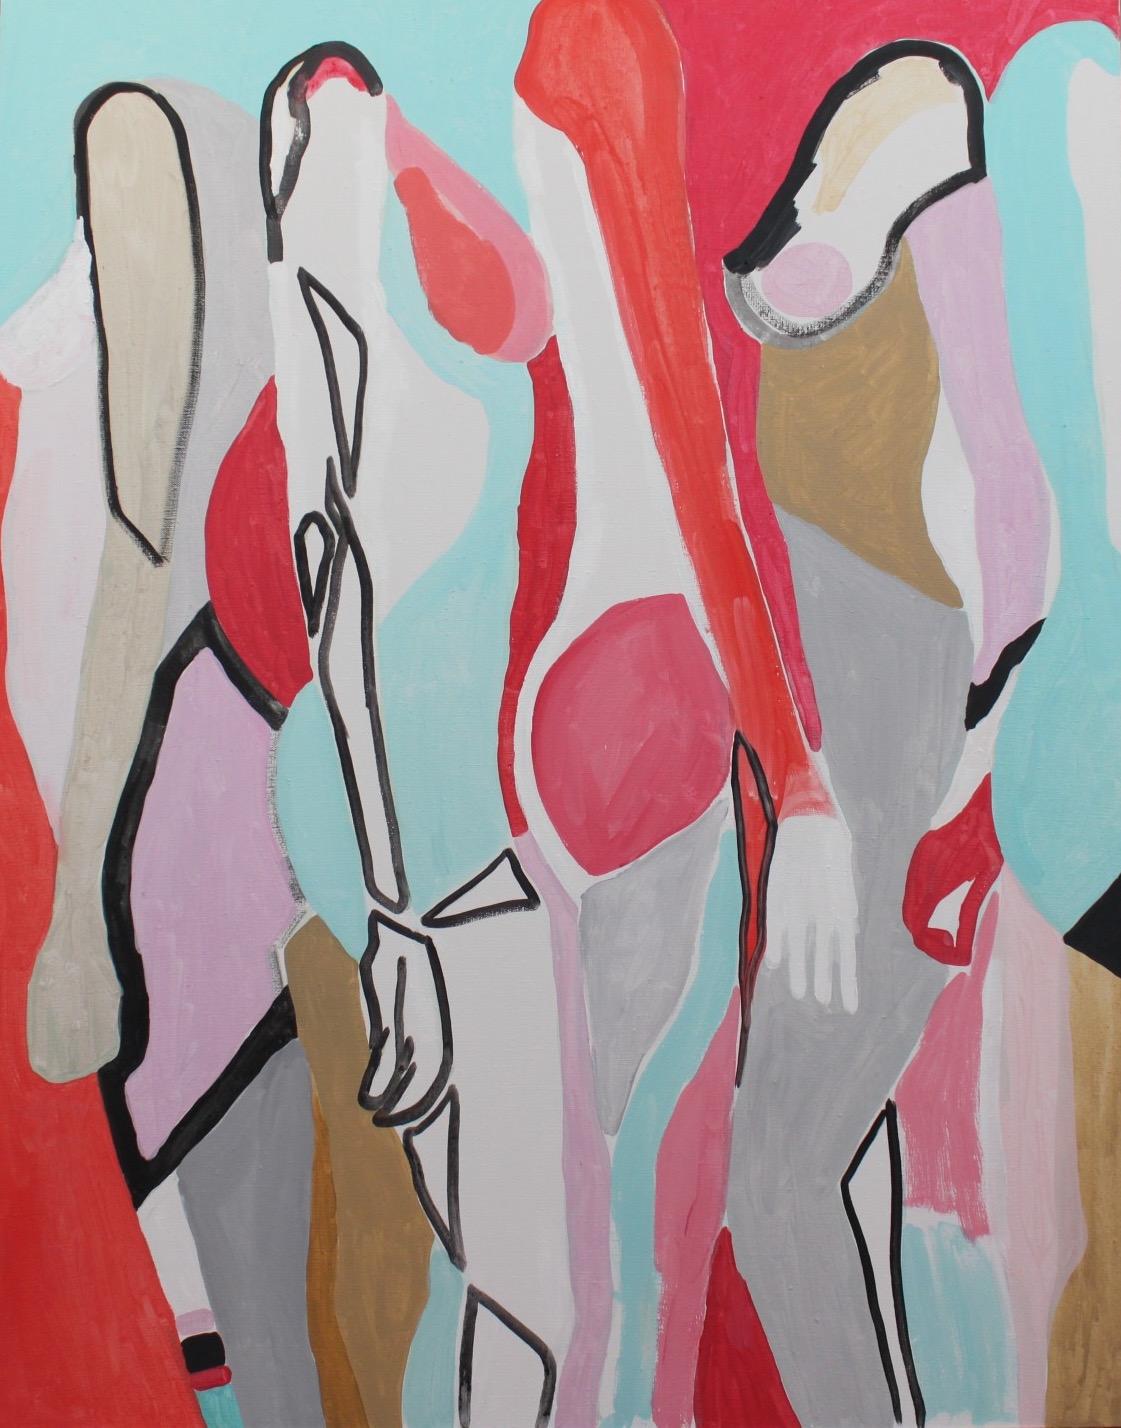 la dolce vita, 90x70, akryl, 20147